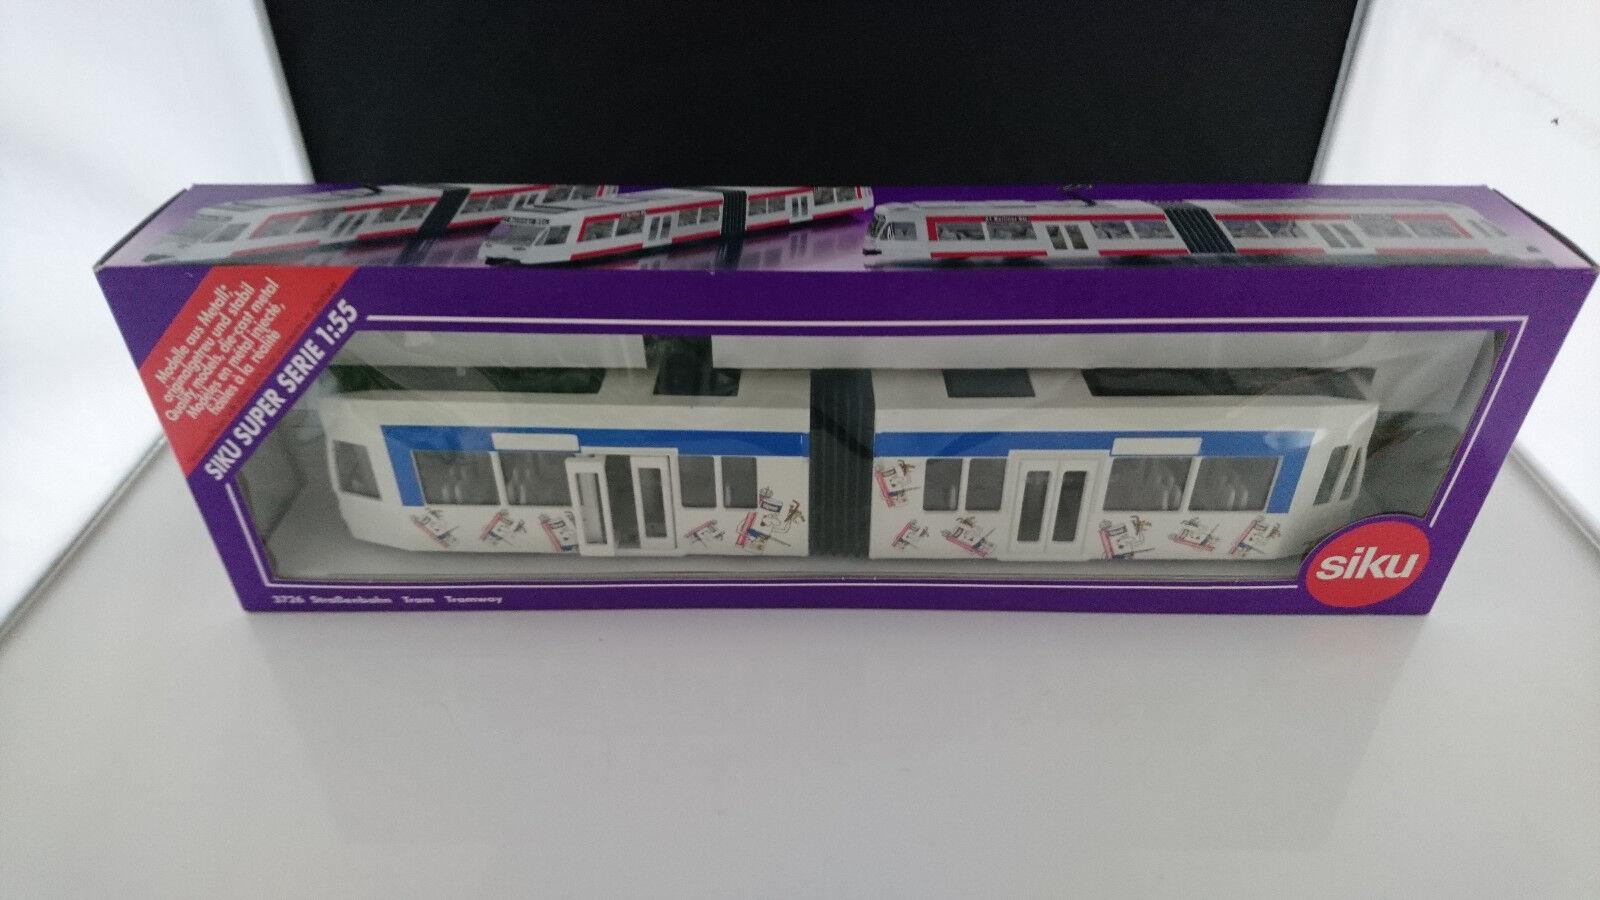 Siku 3726 Tramway Publicité modèle UPAT Nouveau neuf dans sa boîte